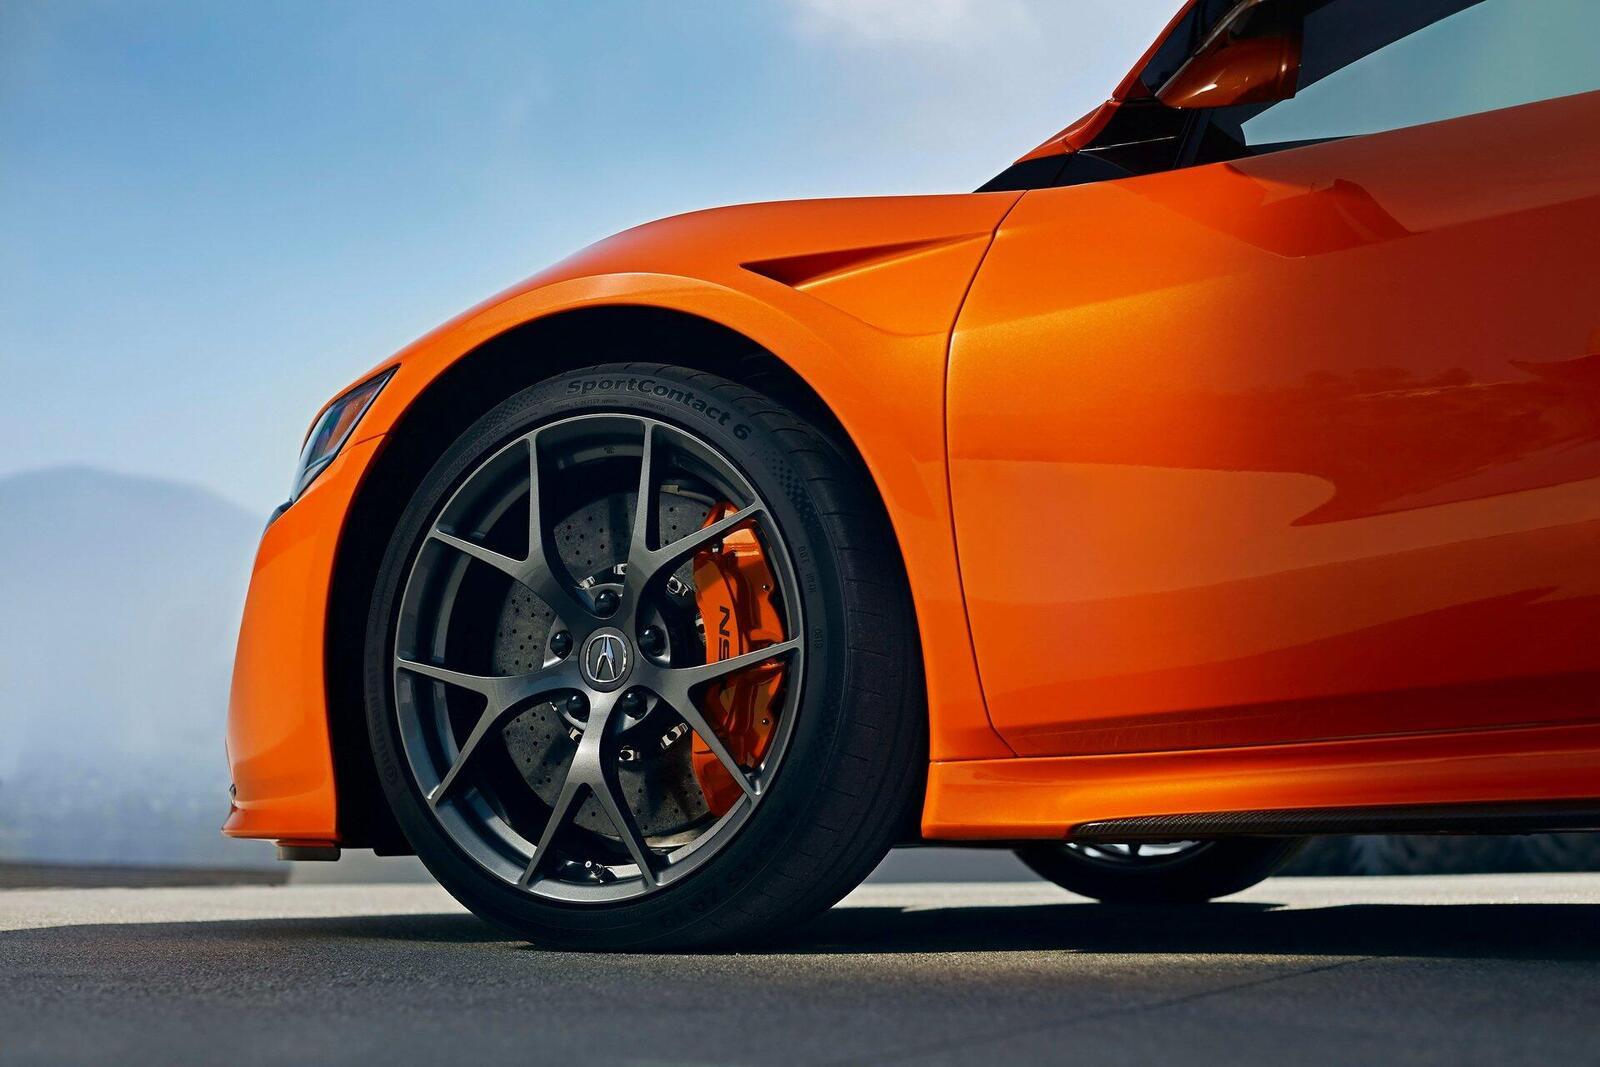 Siêu xe Acura NSX 2019 động cơ hybrid chốt giá từ 157.500 USD - Hình 4